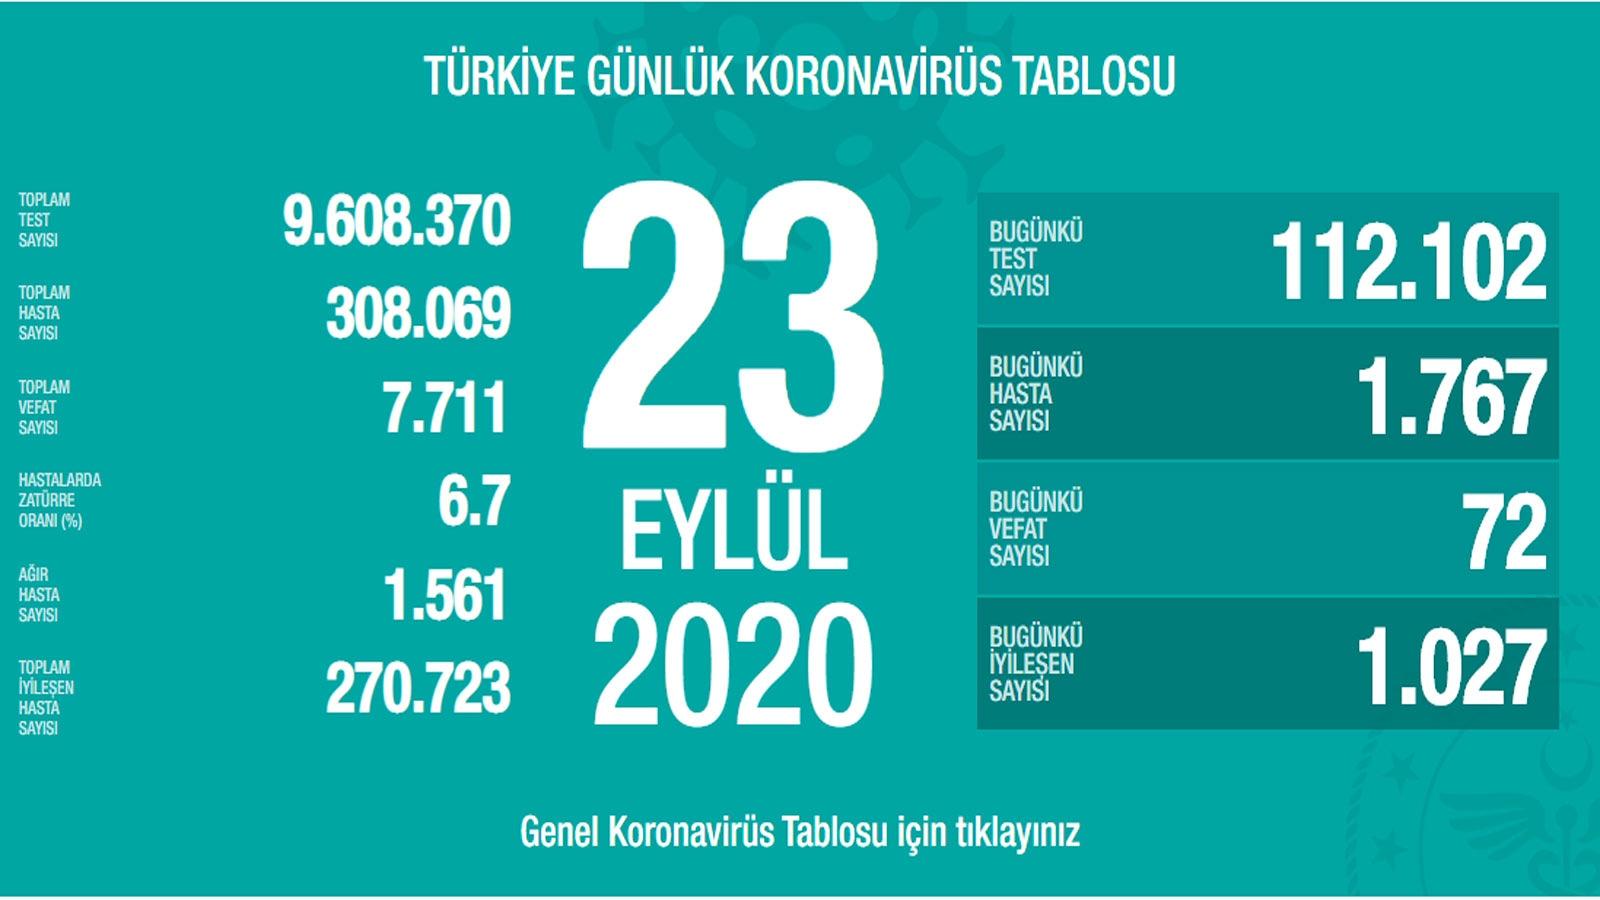 Son dakika haberi: Sağlık Bakanlığı, 23 Eylül korona tablosu ve vaka sayısını açıkladı!